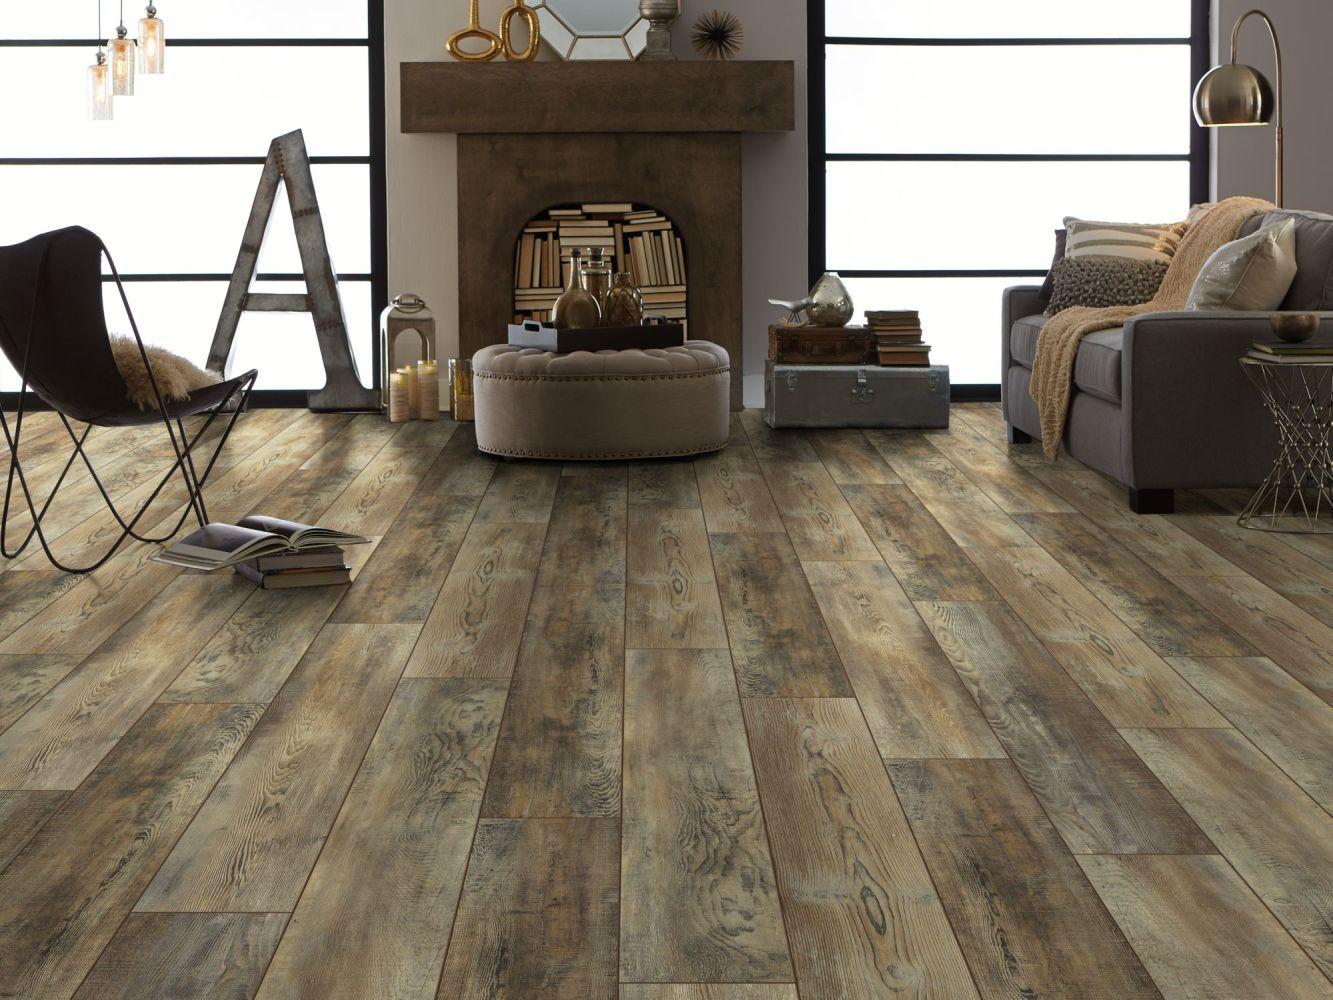 Shaw Floors Vinyl Residential Apostleislndhdplus Saggio 00159_503GA